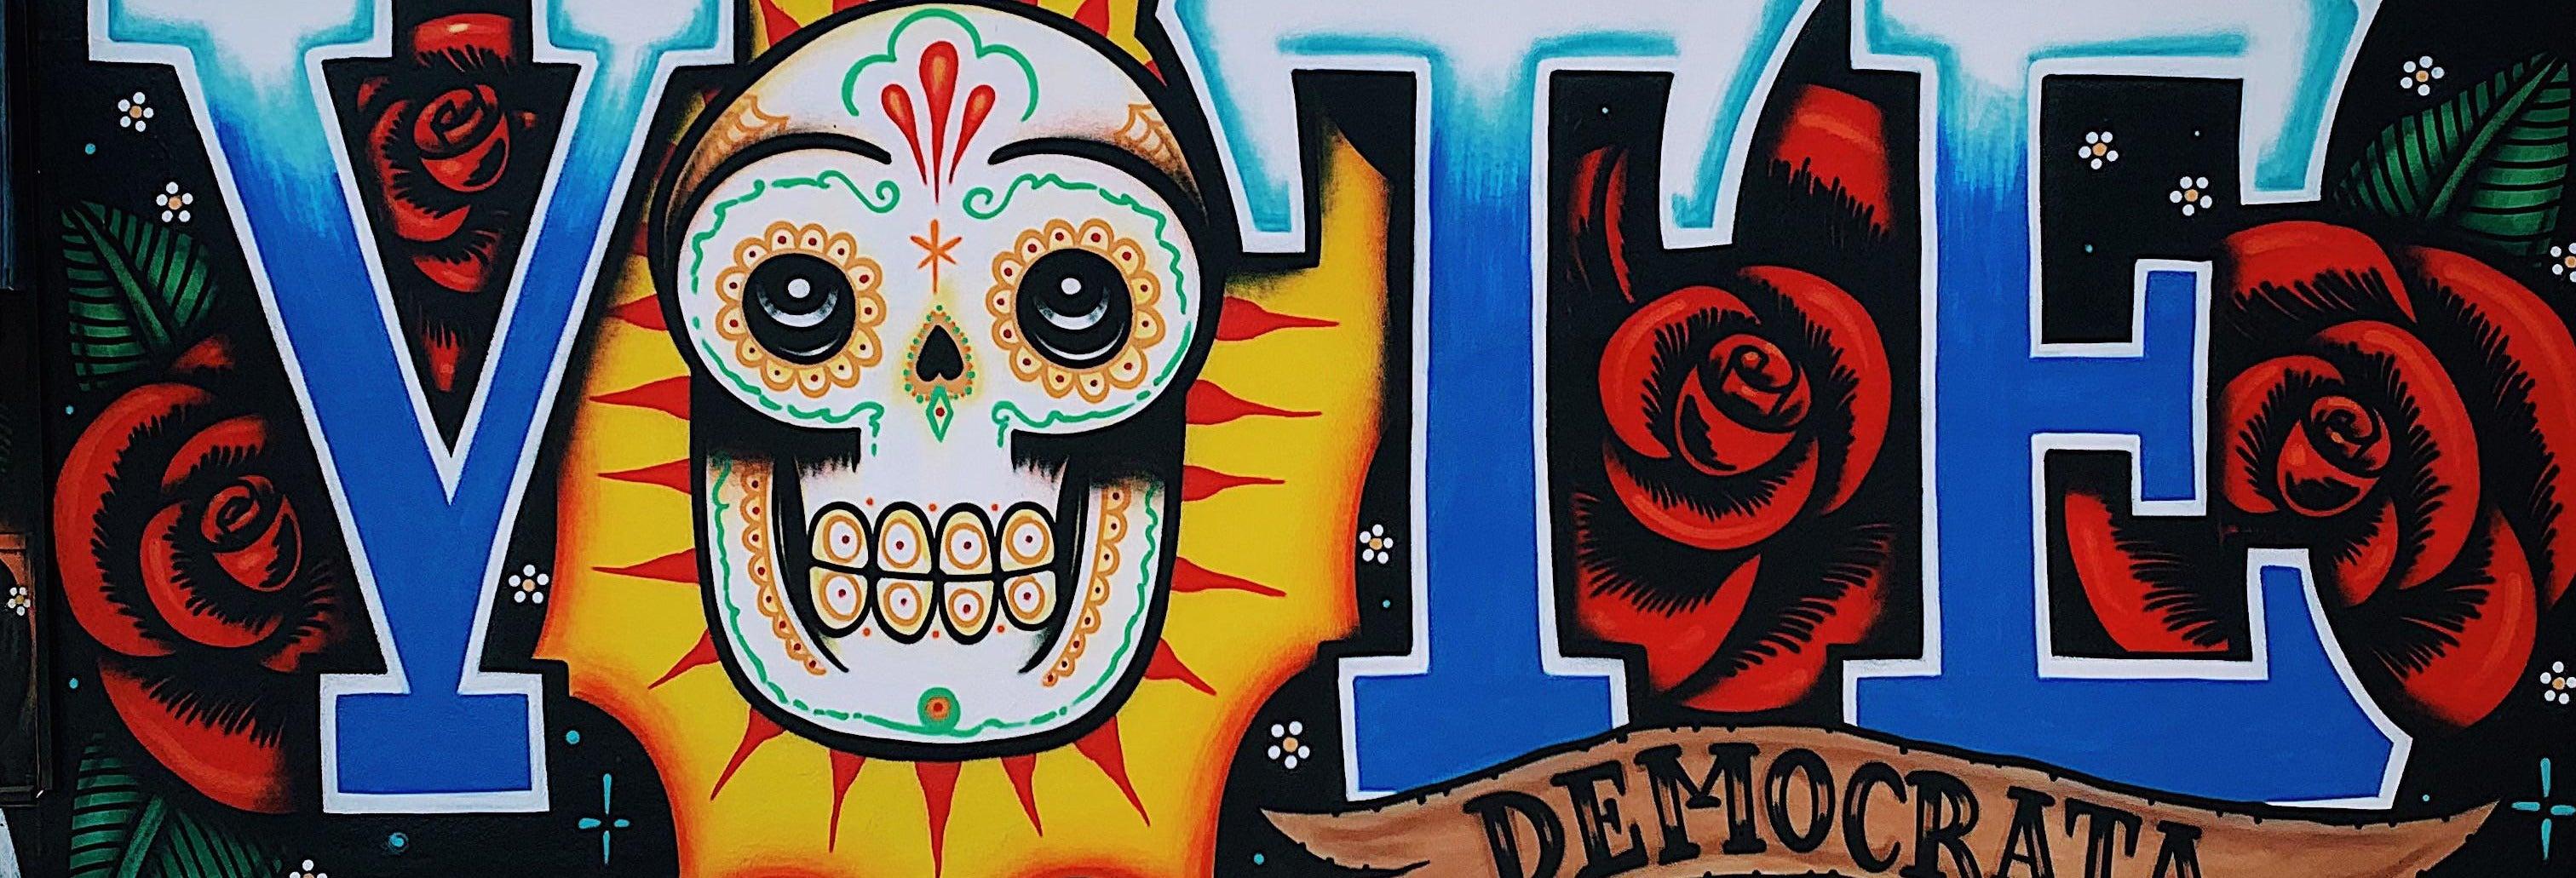 RoRo Street Art Tour